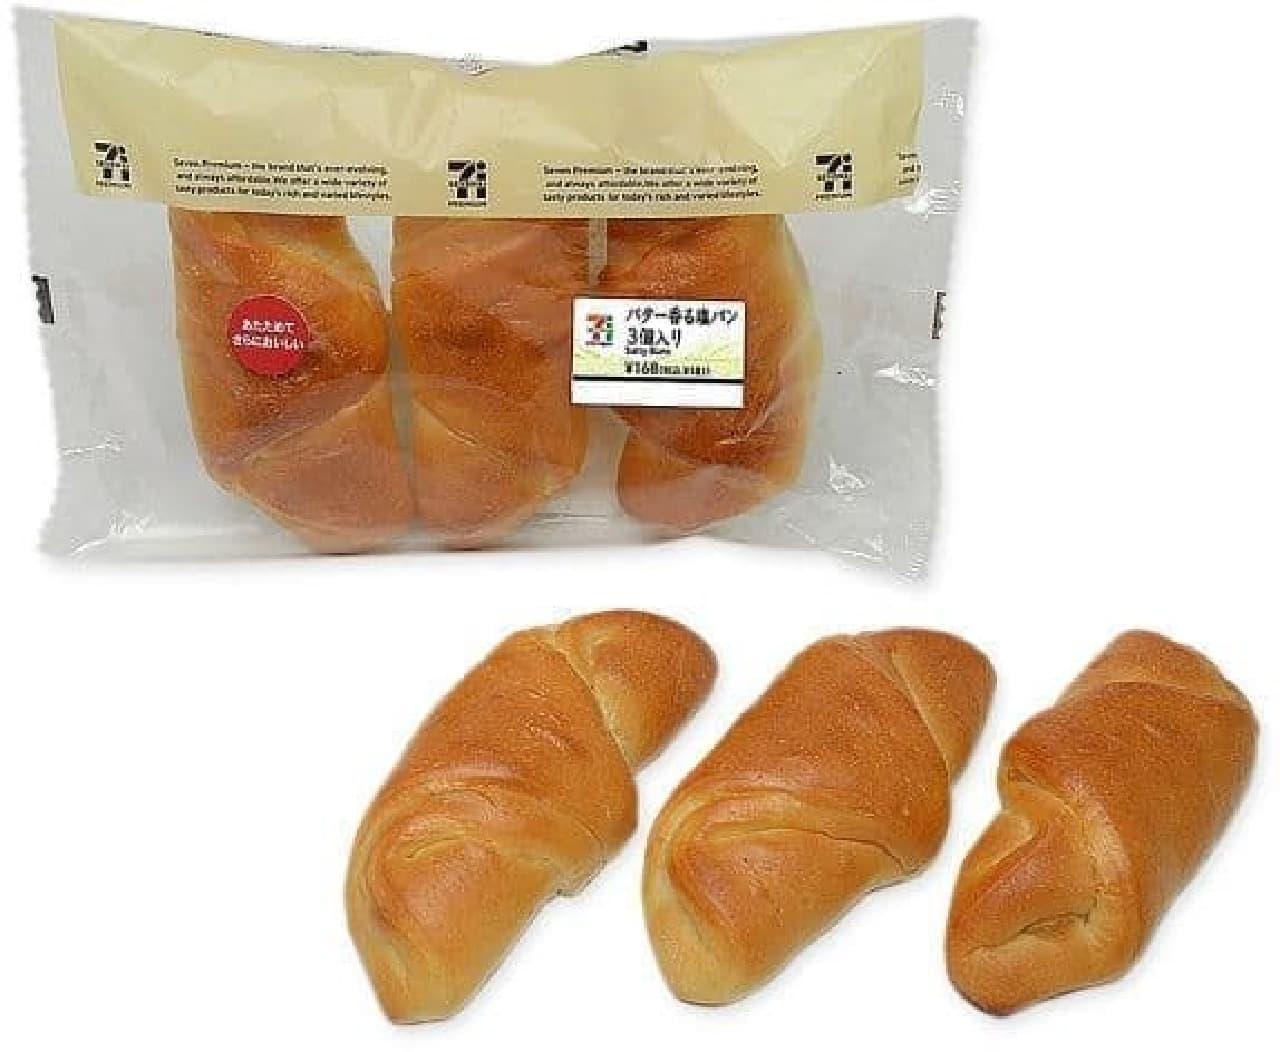 セブン-イレブン「バター香る塩パン 3個入り」